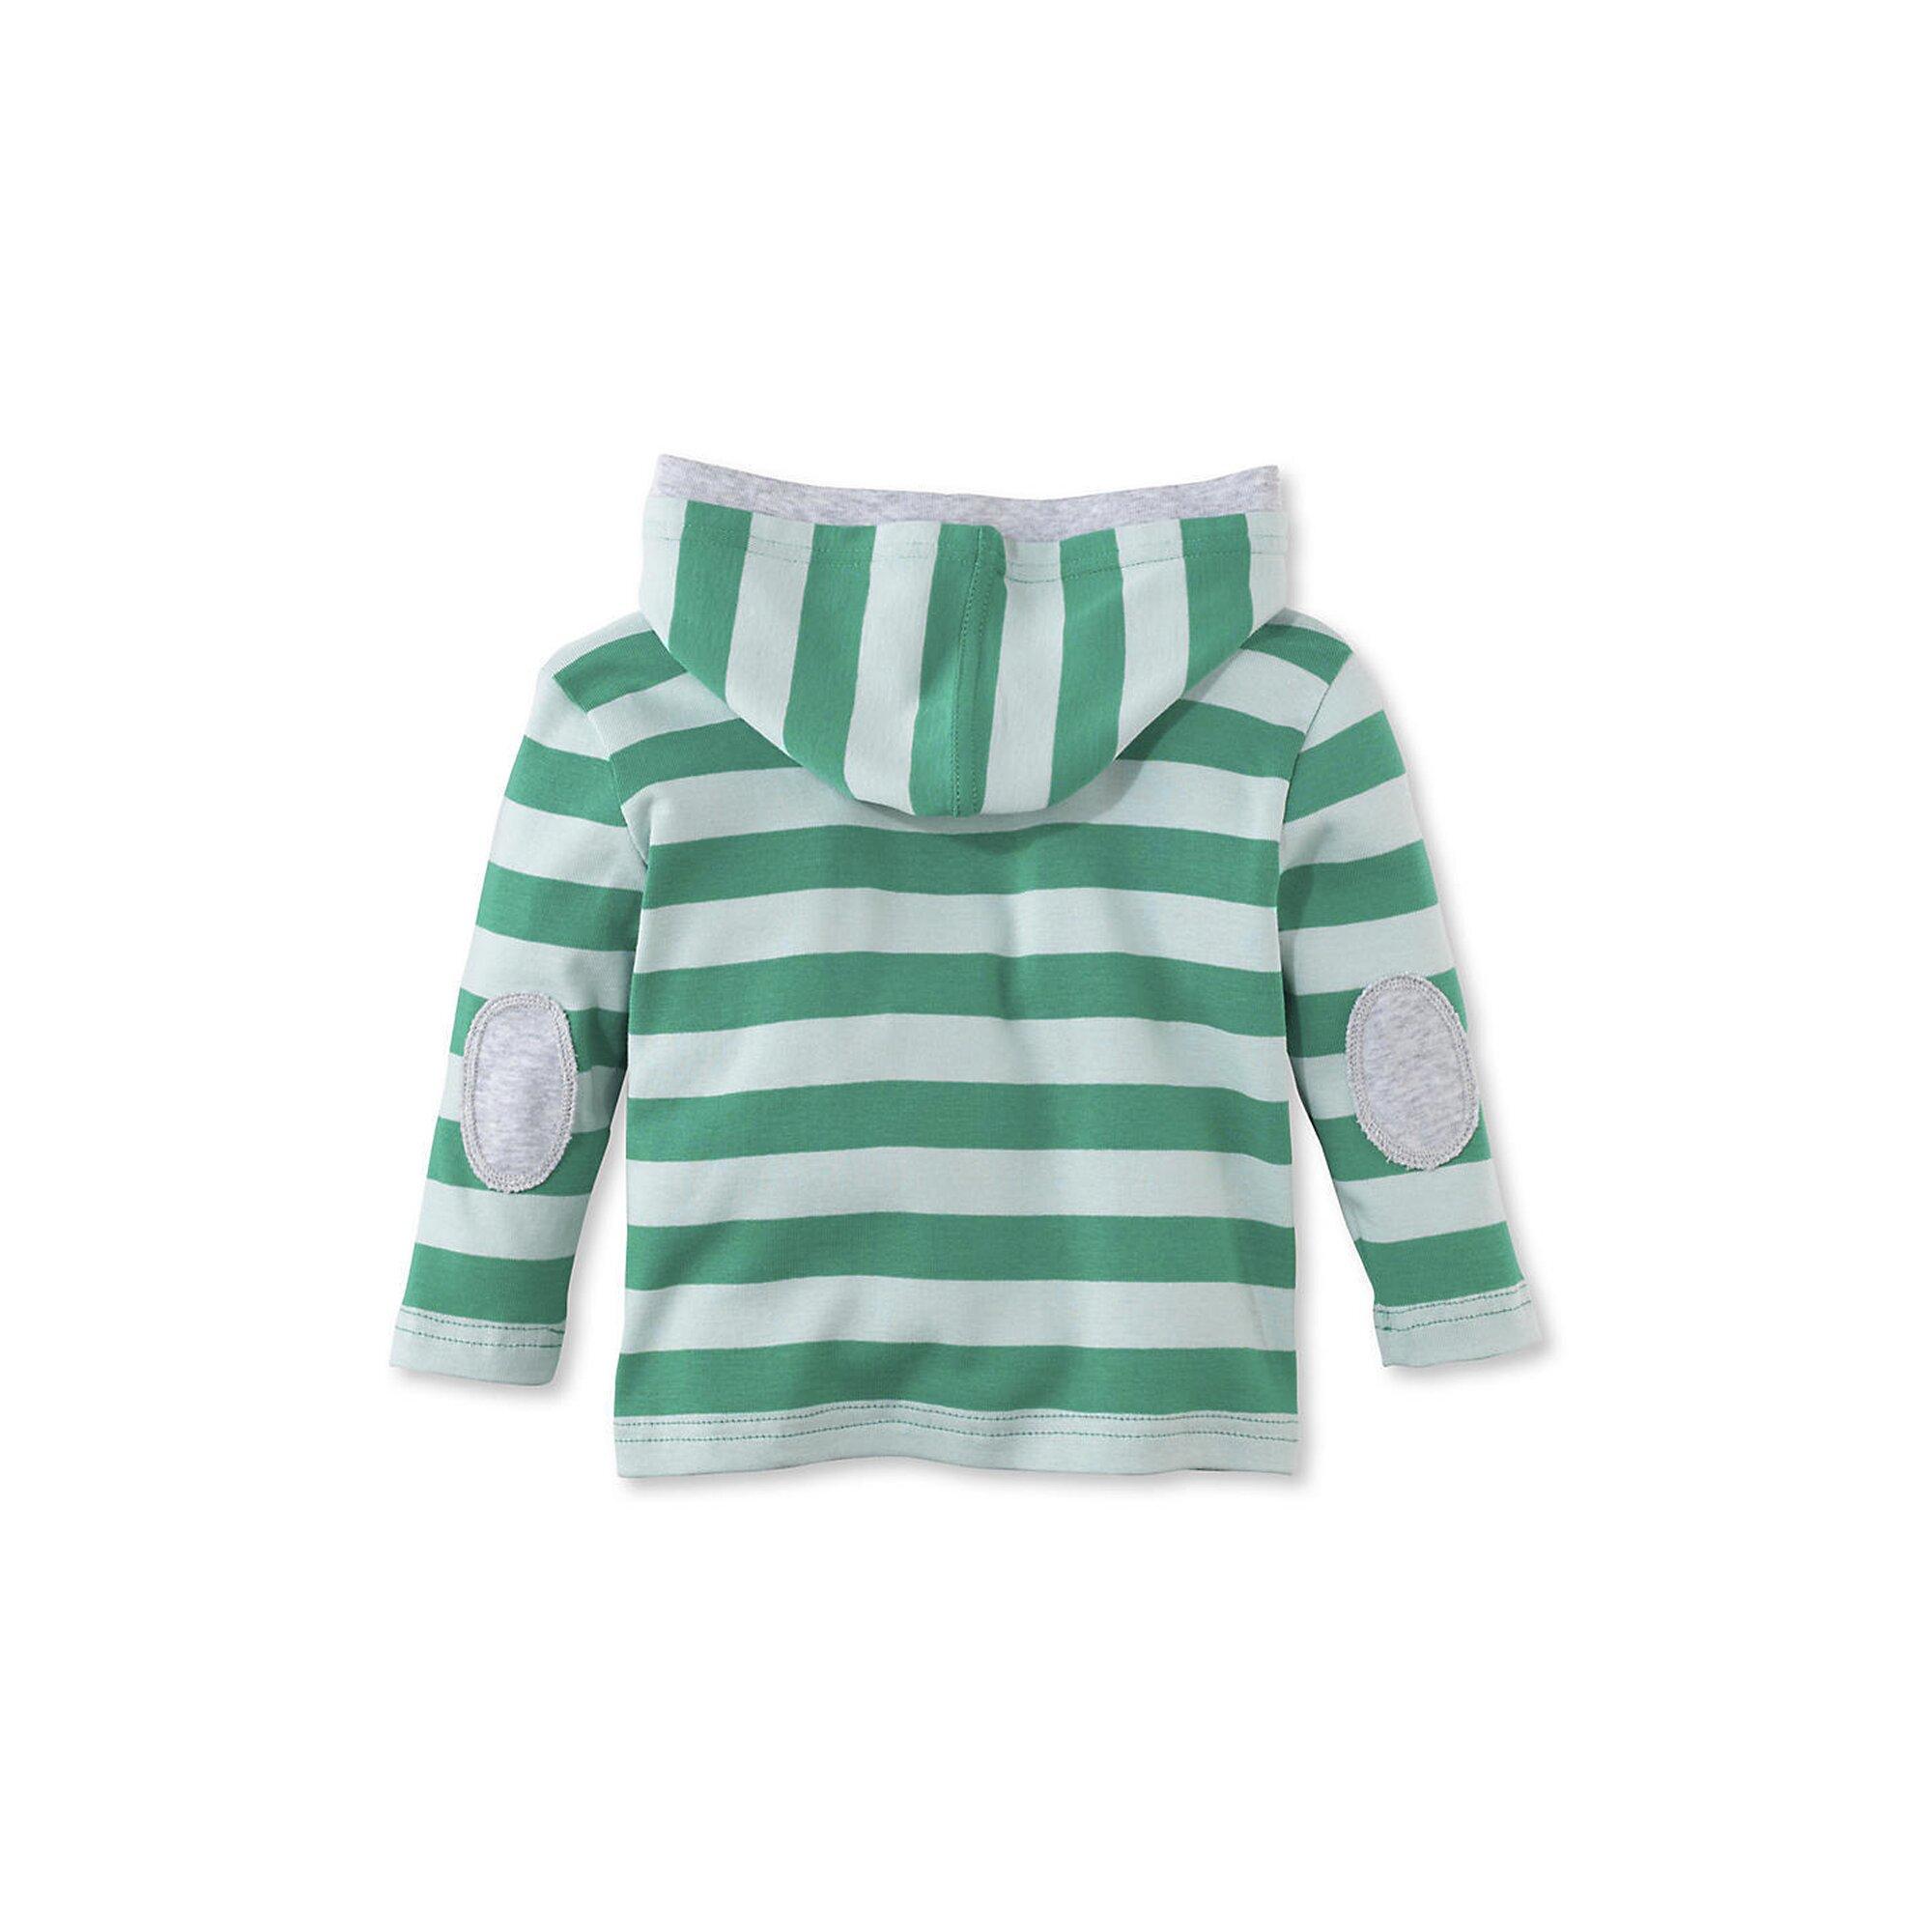 hessnatur-kapuzen-shirt-aus-reiner-bio-baumwolle